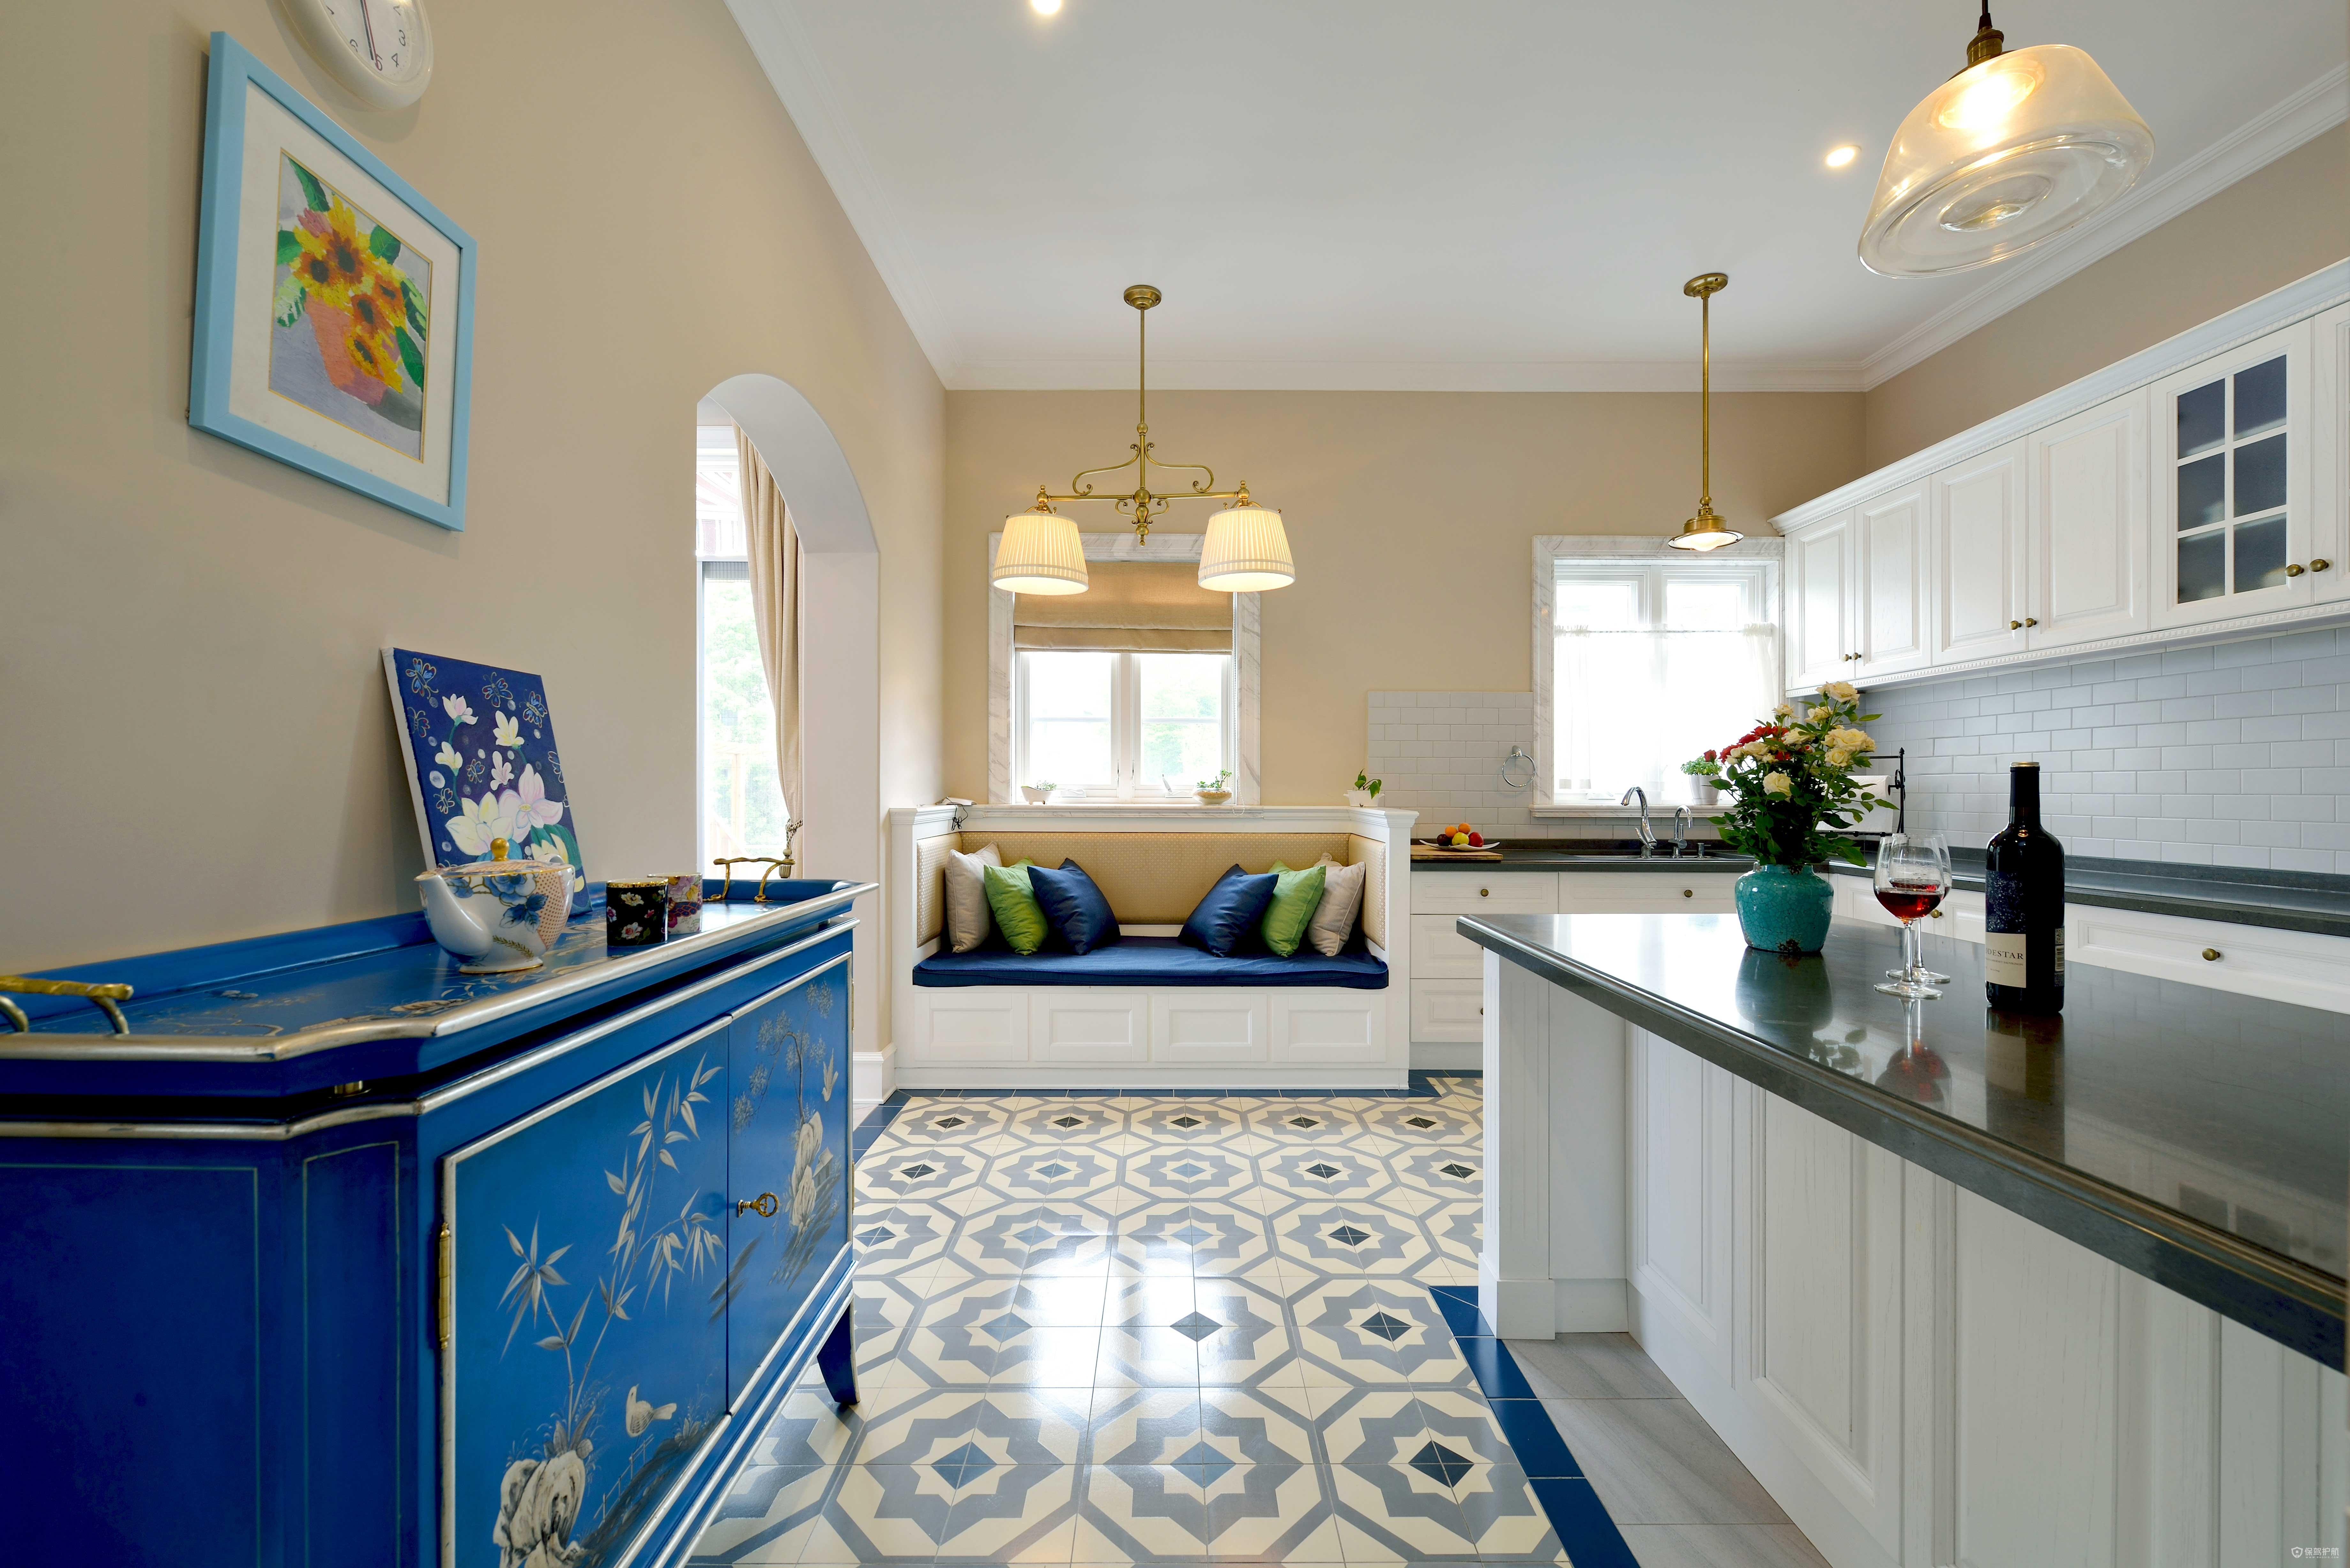 简约美式别墅厨房装修效果图